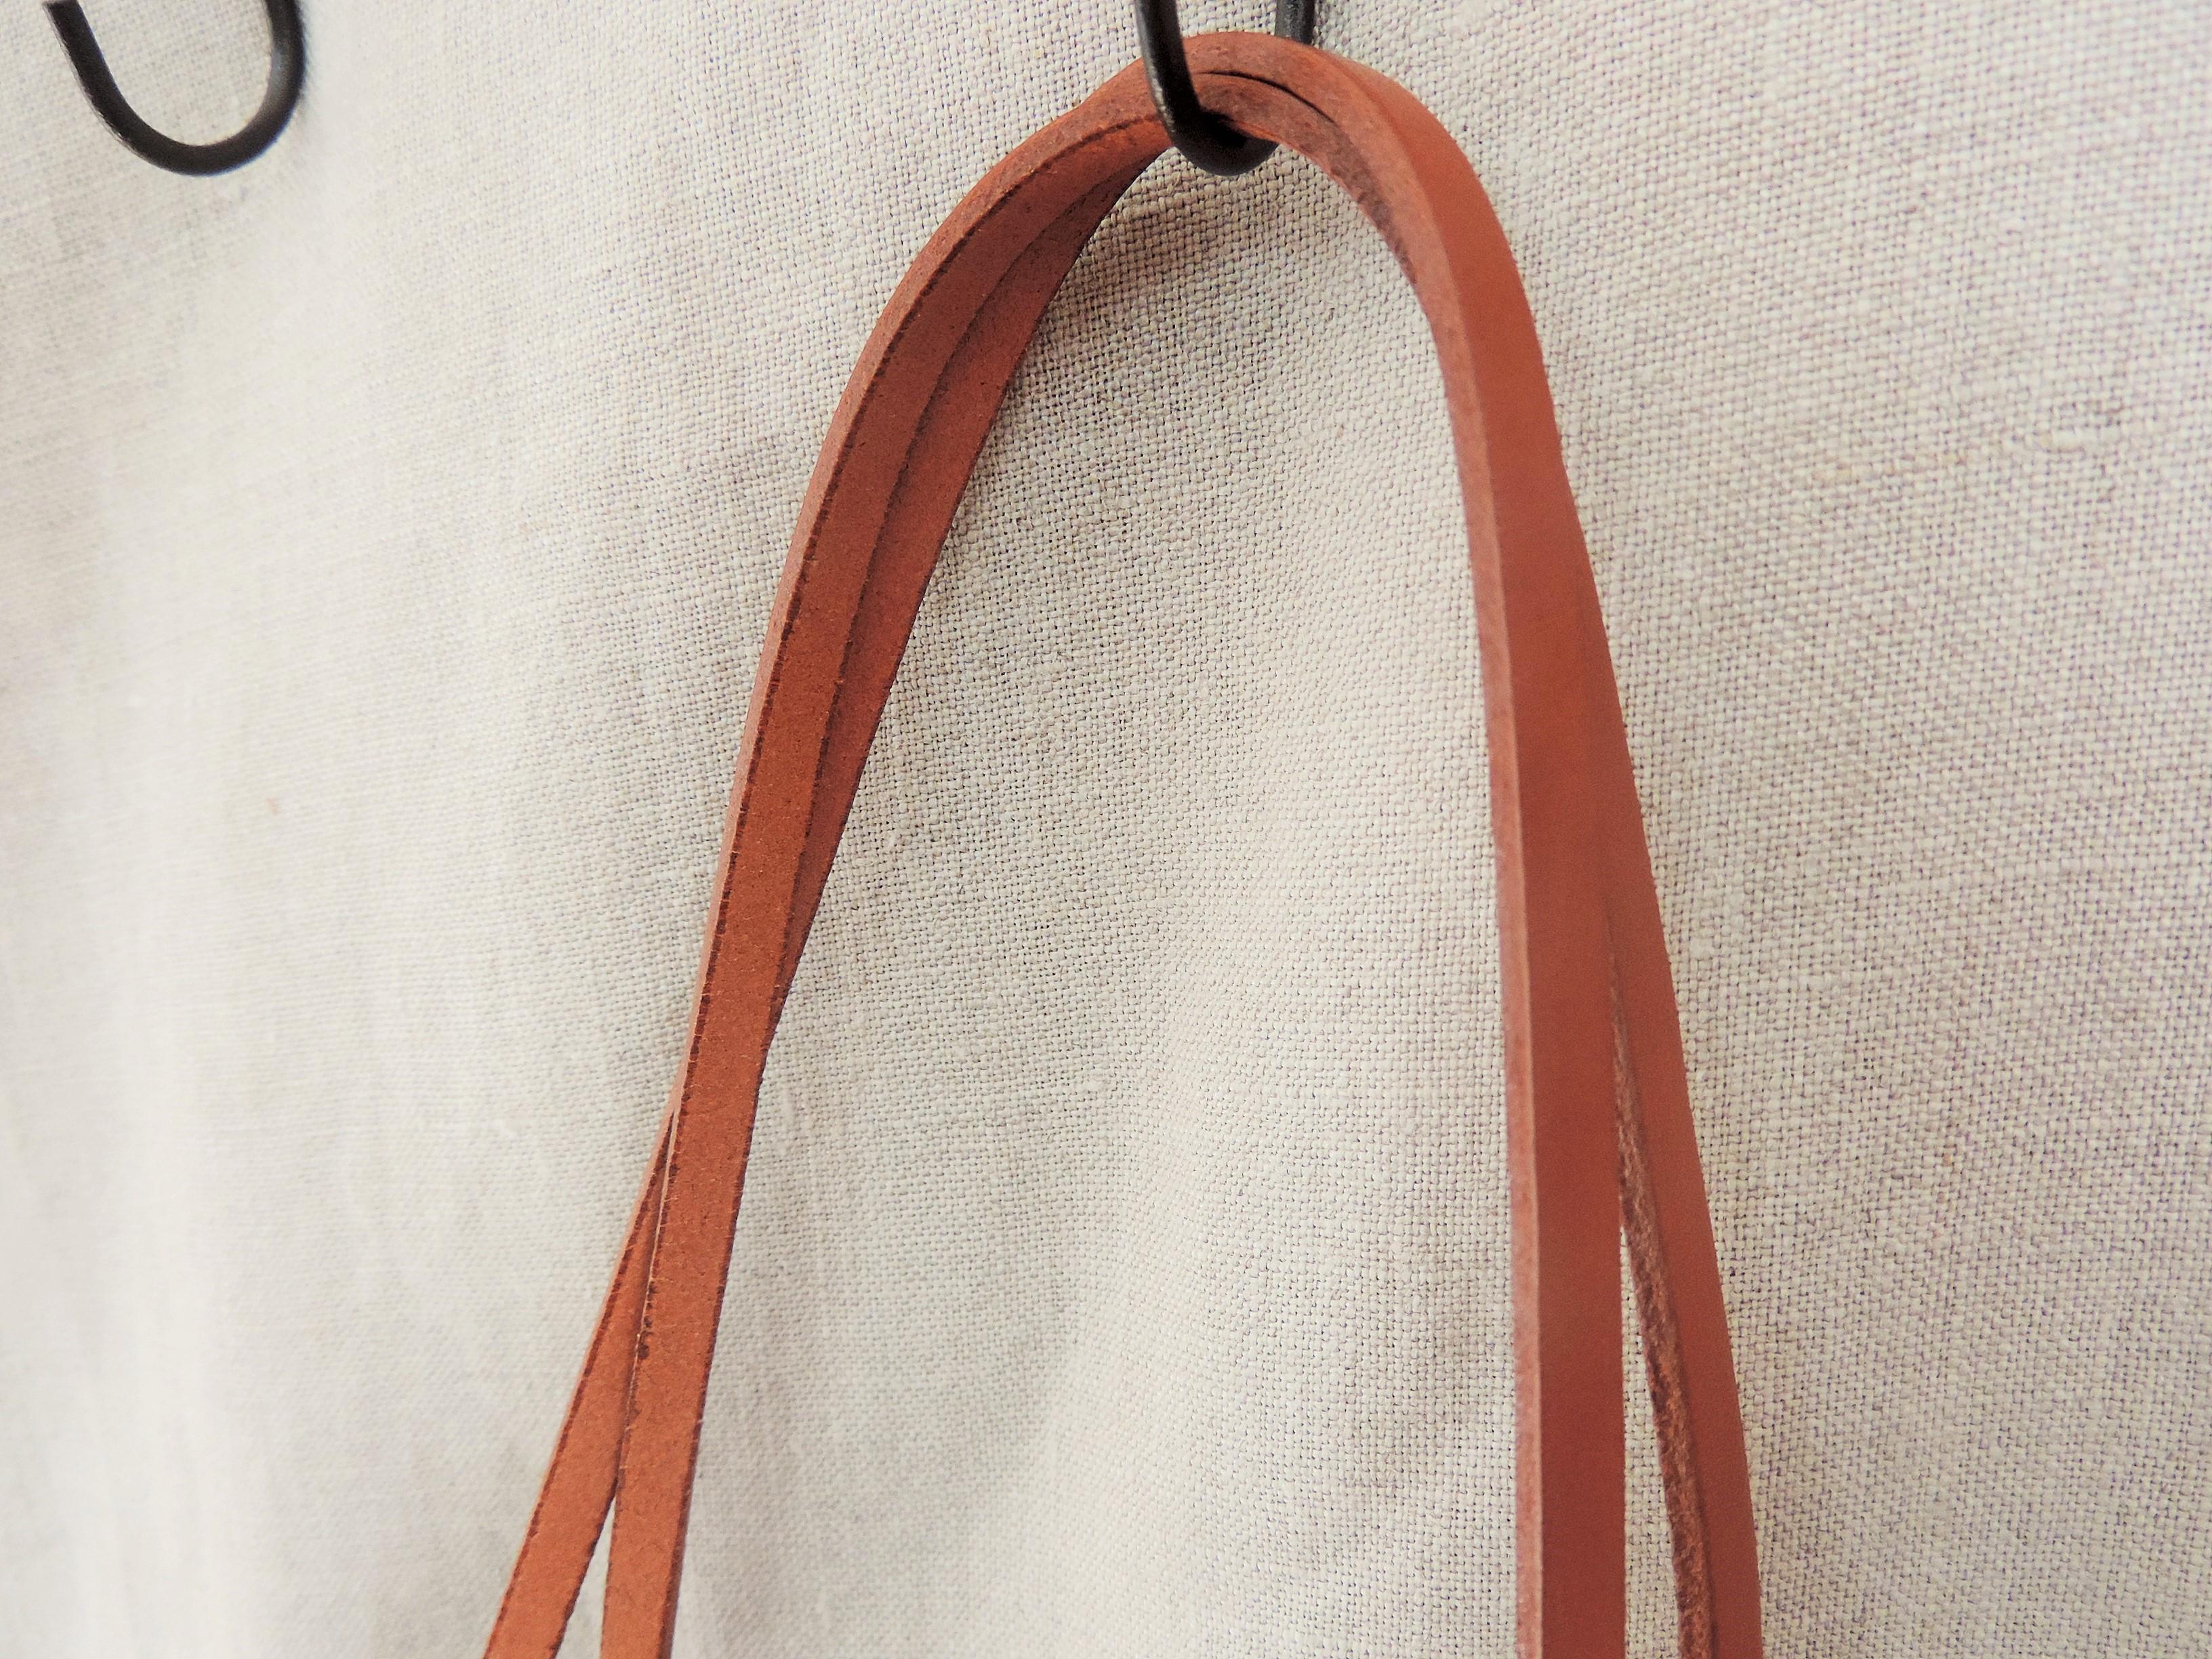 【春夏用♥】形の変化が可愛いプチバッグを手作りしました